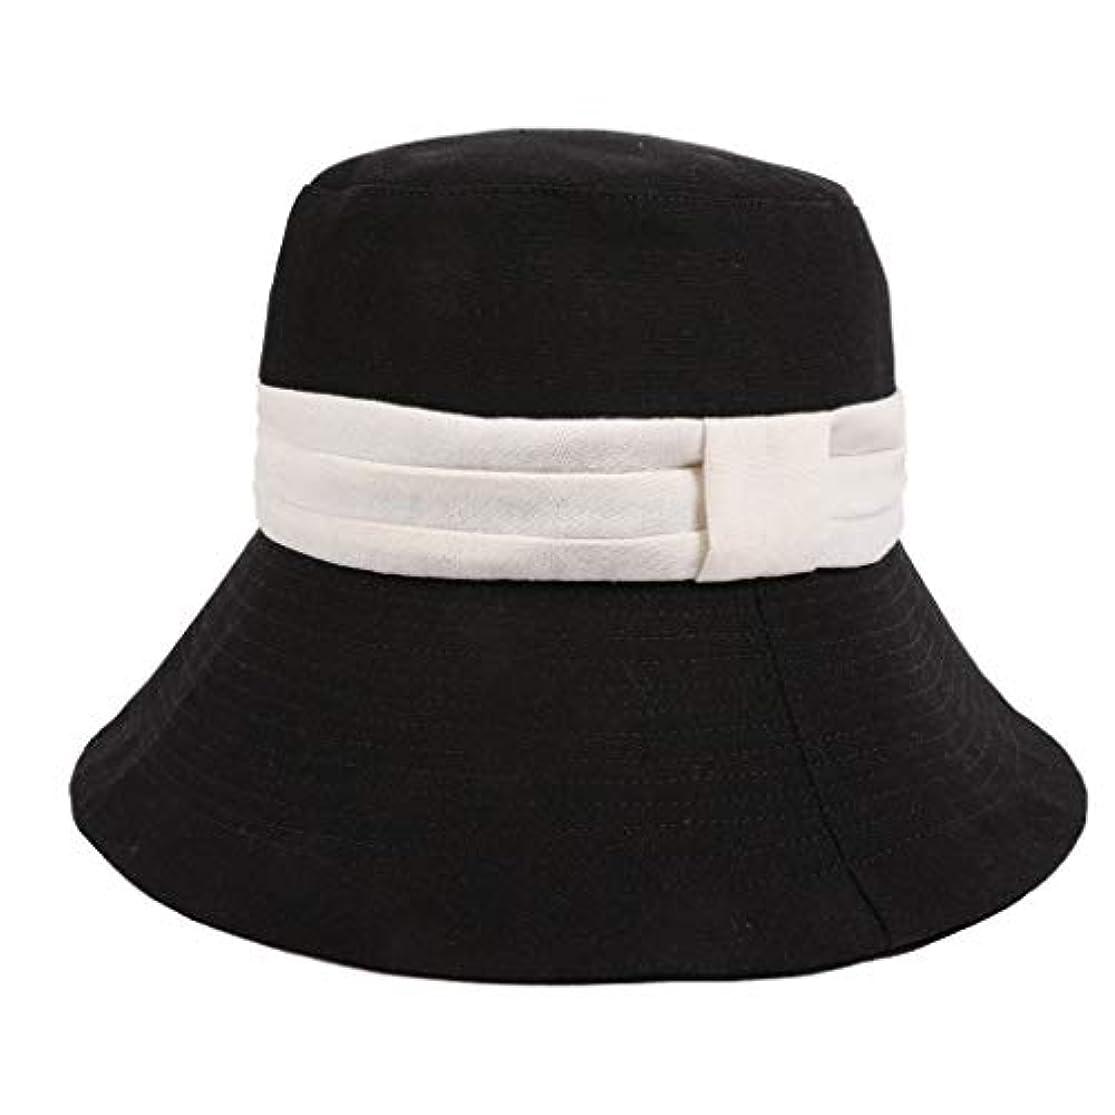 帽子 レディース 夏 UVカット 帽子 女性 漁師帽 小顔効果 日よけ 吸汗通気 紫外線対策 UV帽子 つば広帽 可愛い 軽量 折りたたみ 可能 ゴルフ アウトドア 日焼け 防止 に カジュアル ファッション 発送 ROSE...